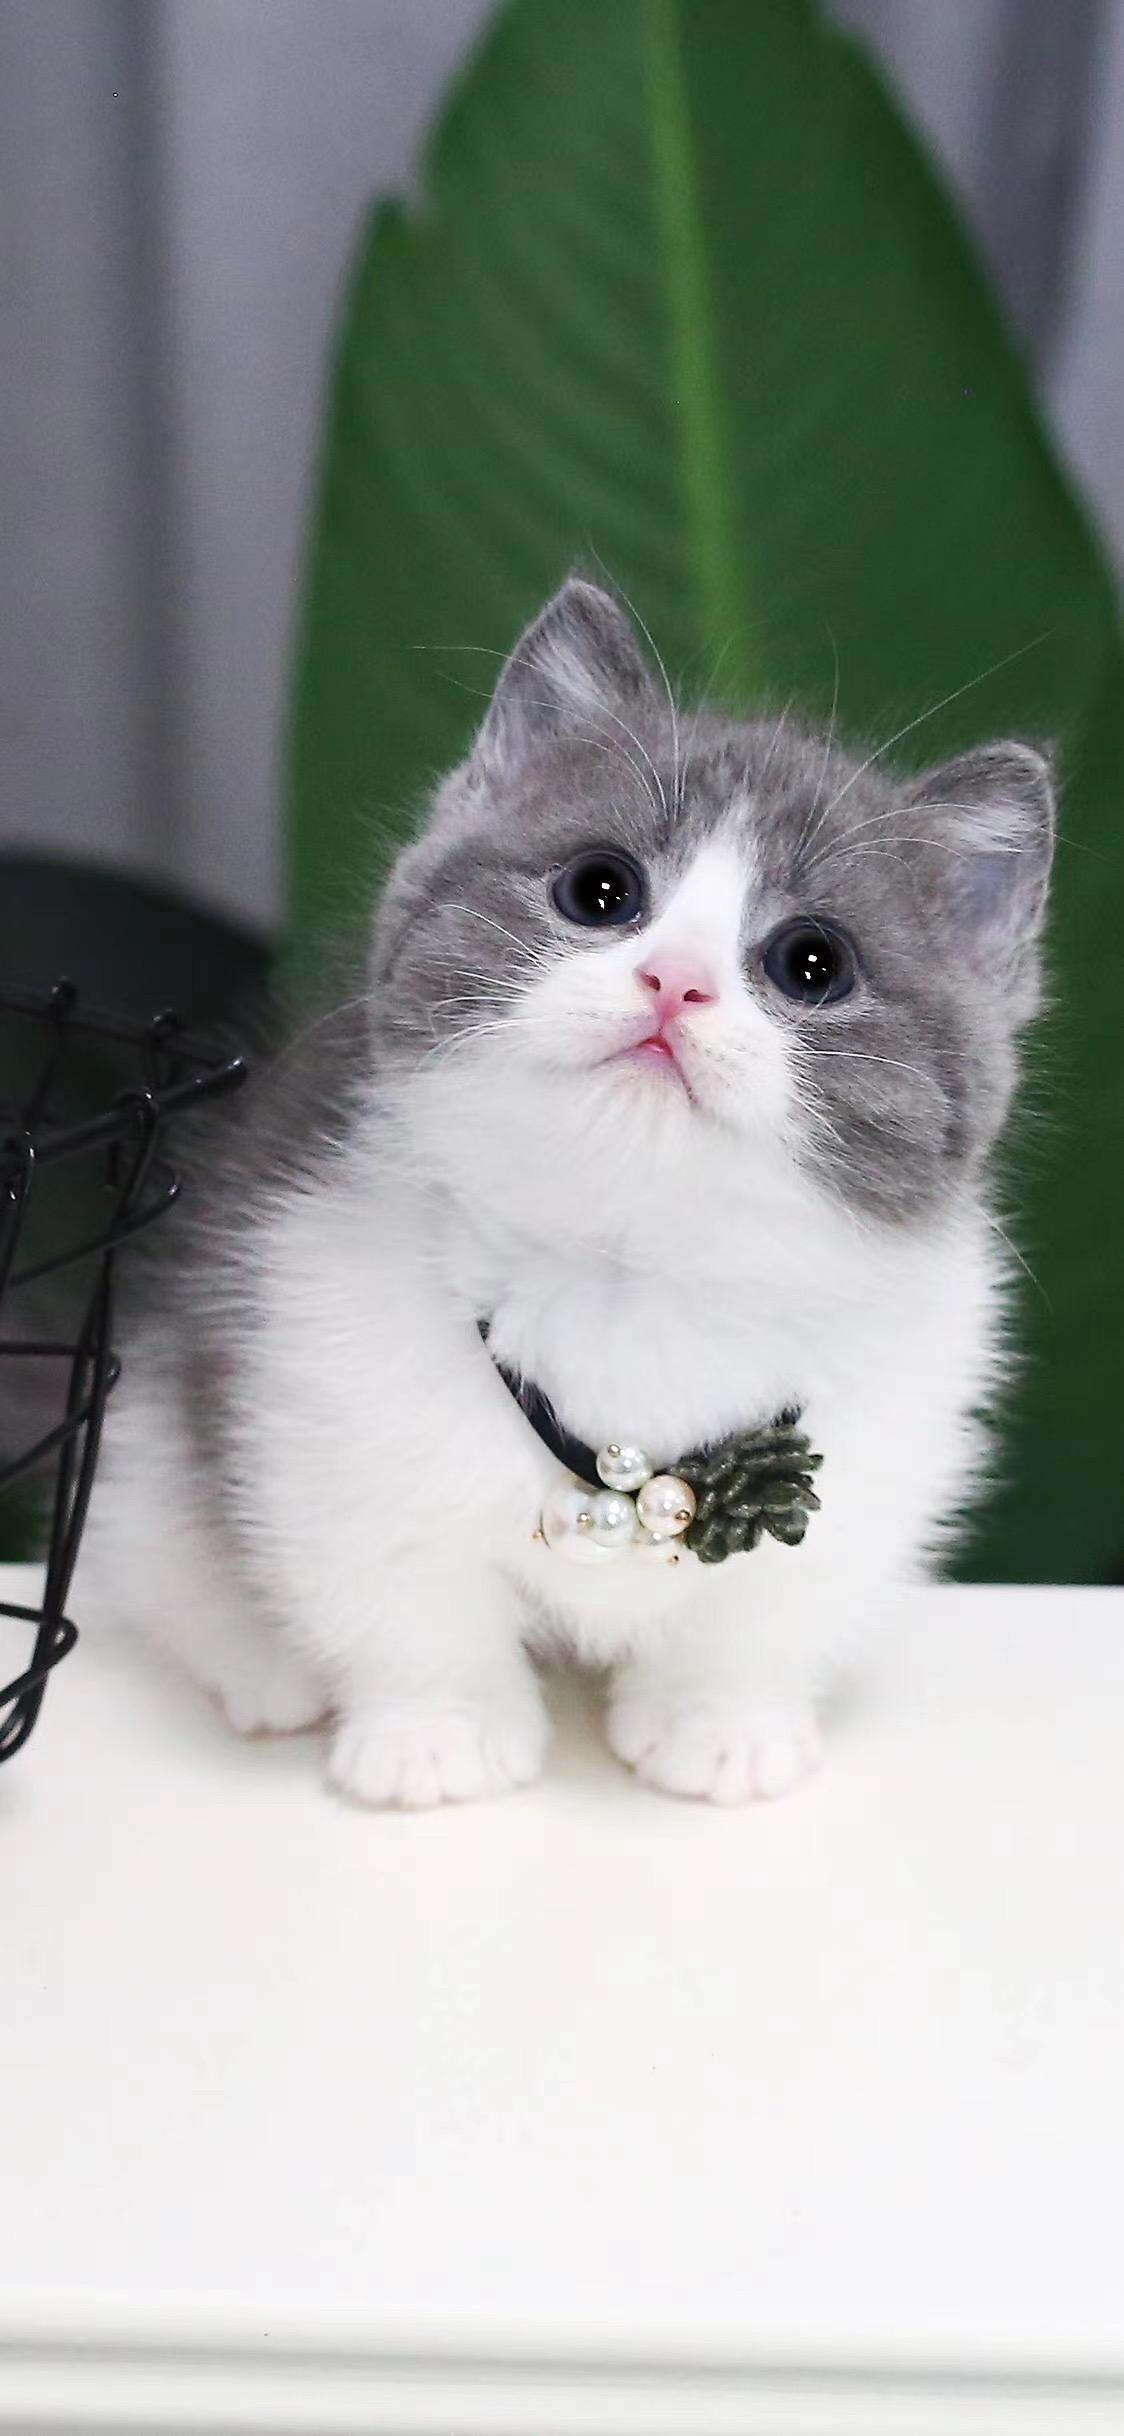 最大曼基康猫舍、官方推荐、五星好评猫舍、终身质保、荣誉猫舍